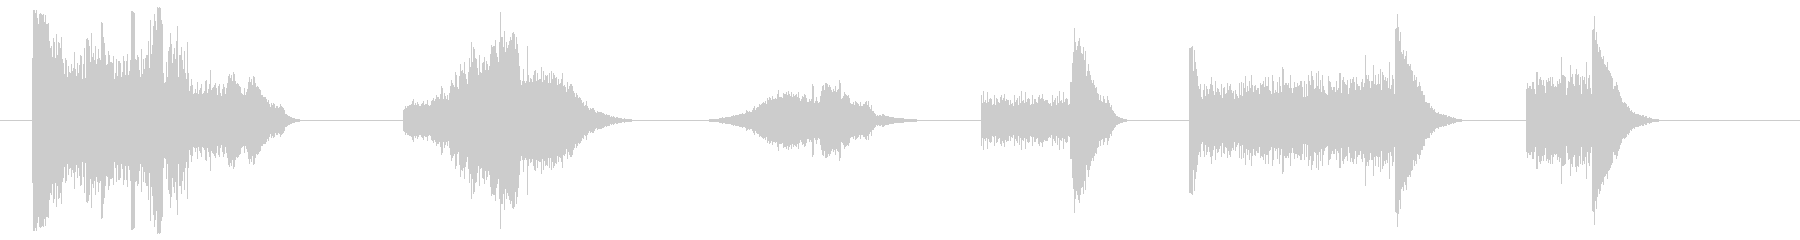 スネアドラム-2バージョン-漫画の未再生の波形